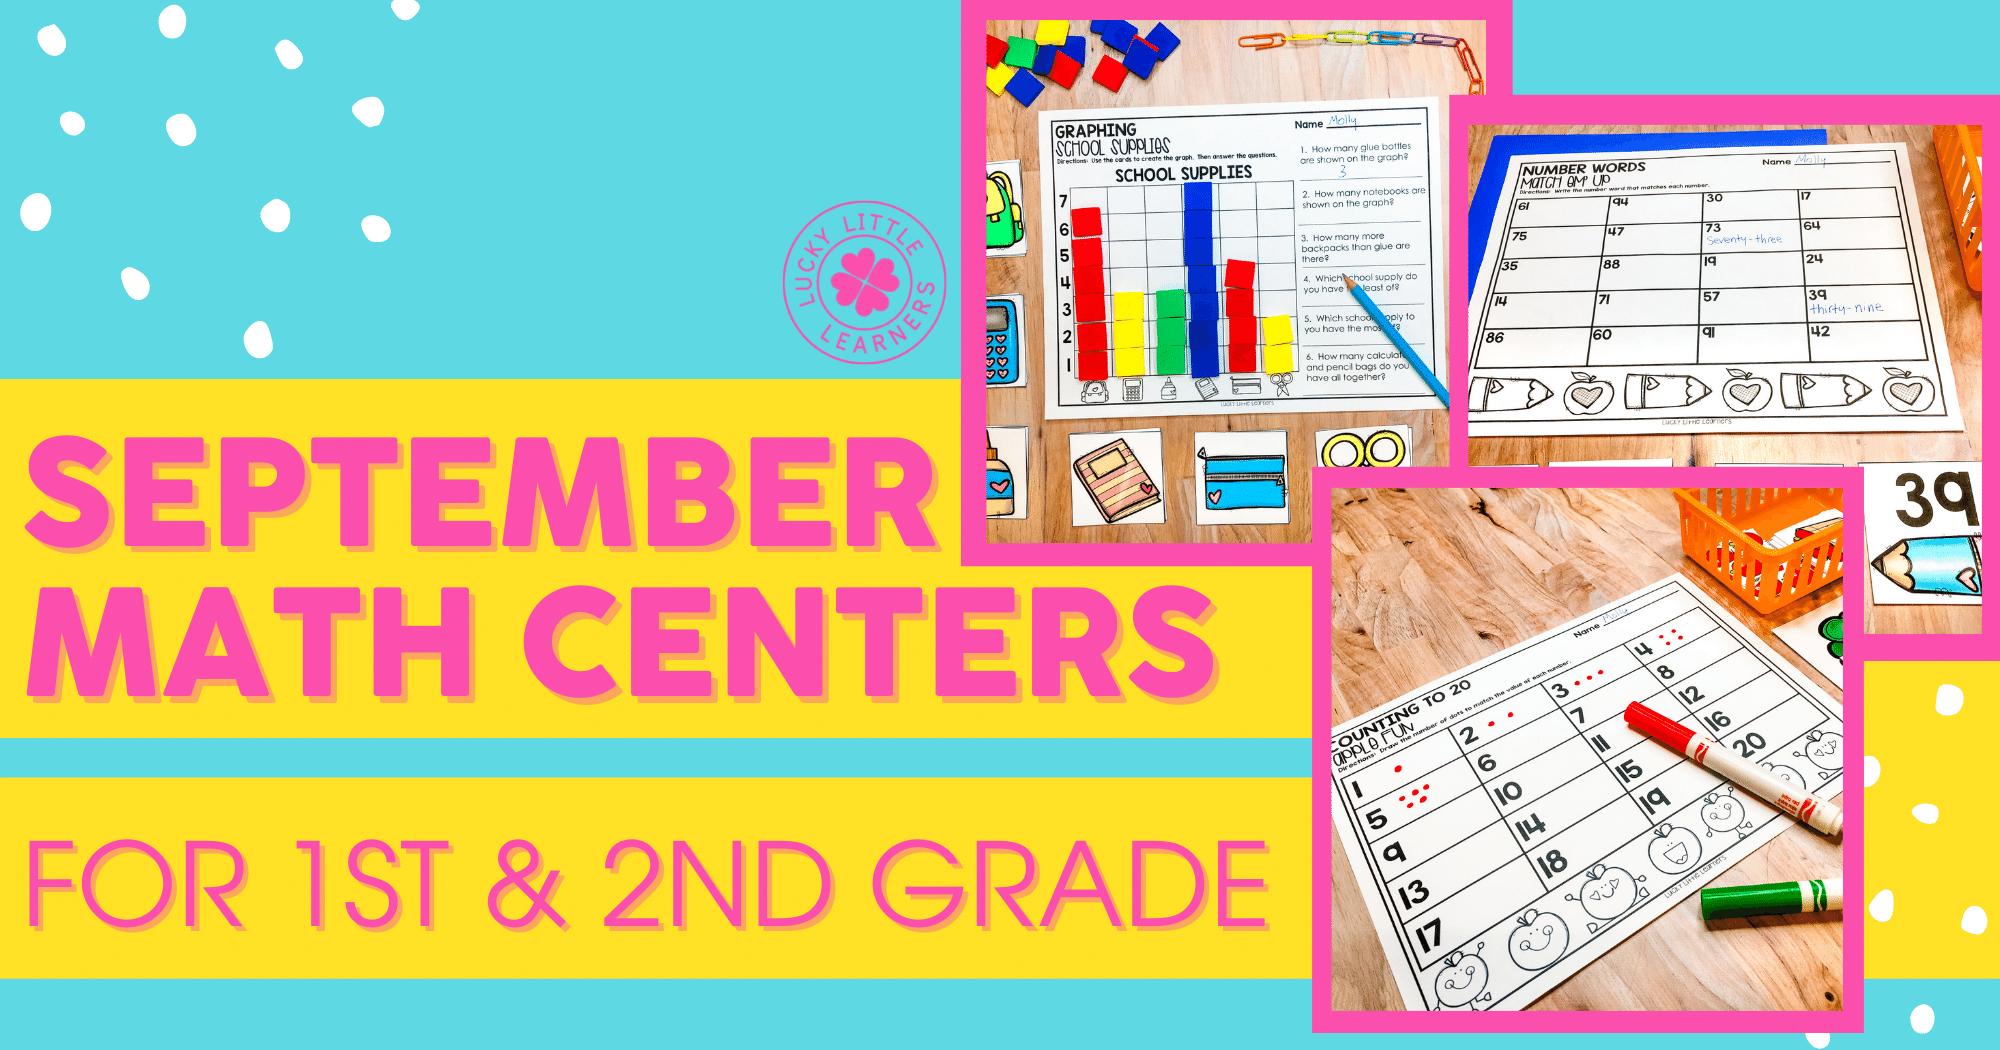 September Math Centers for 1st & 2nd Grade